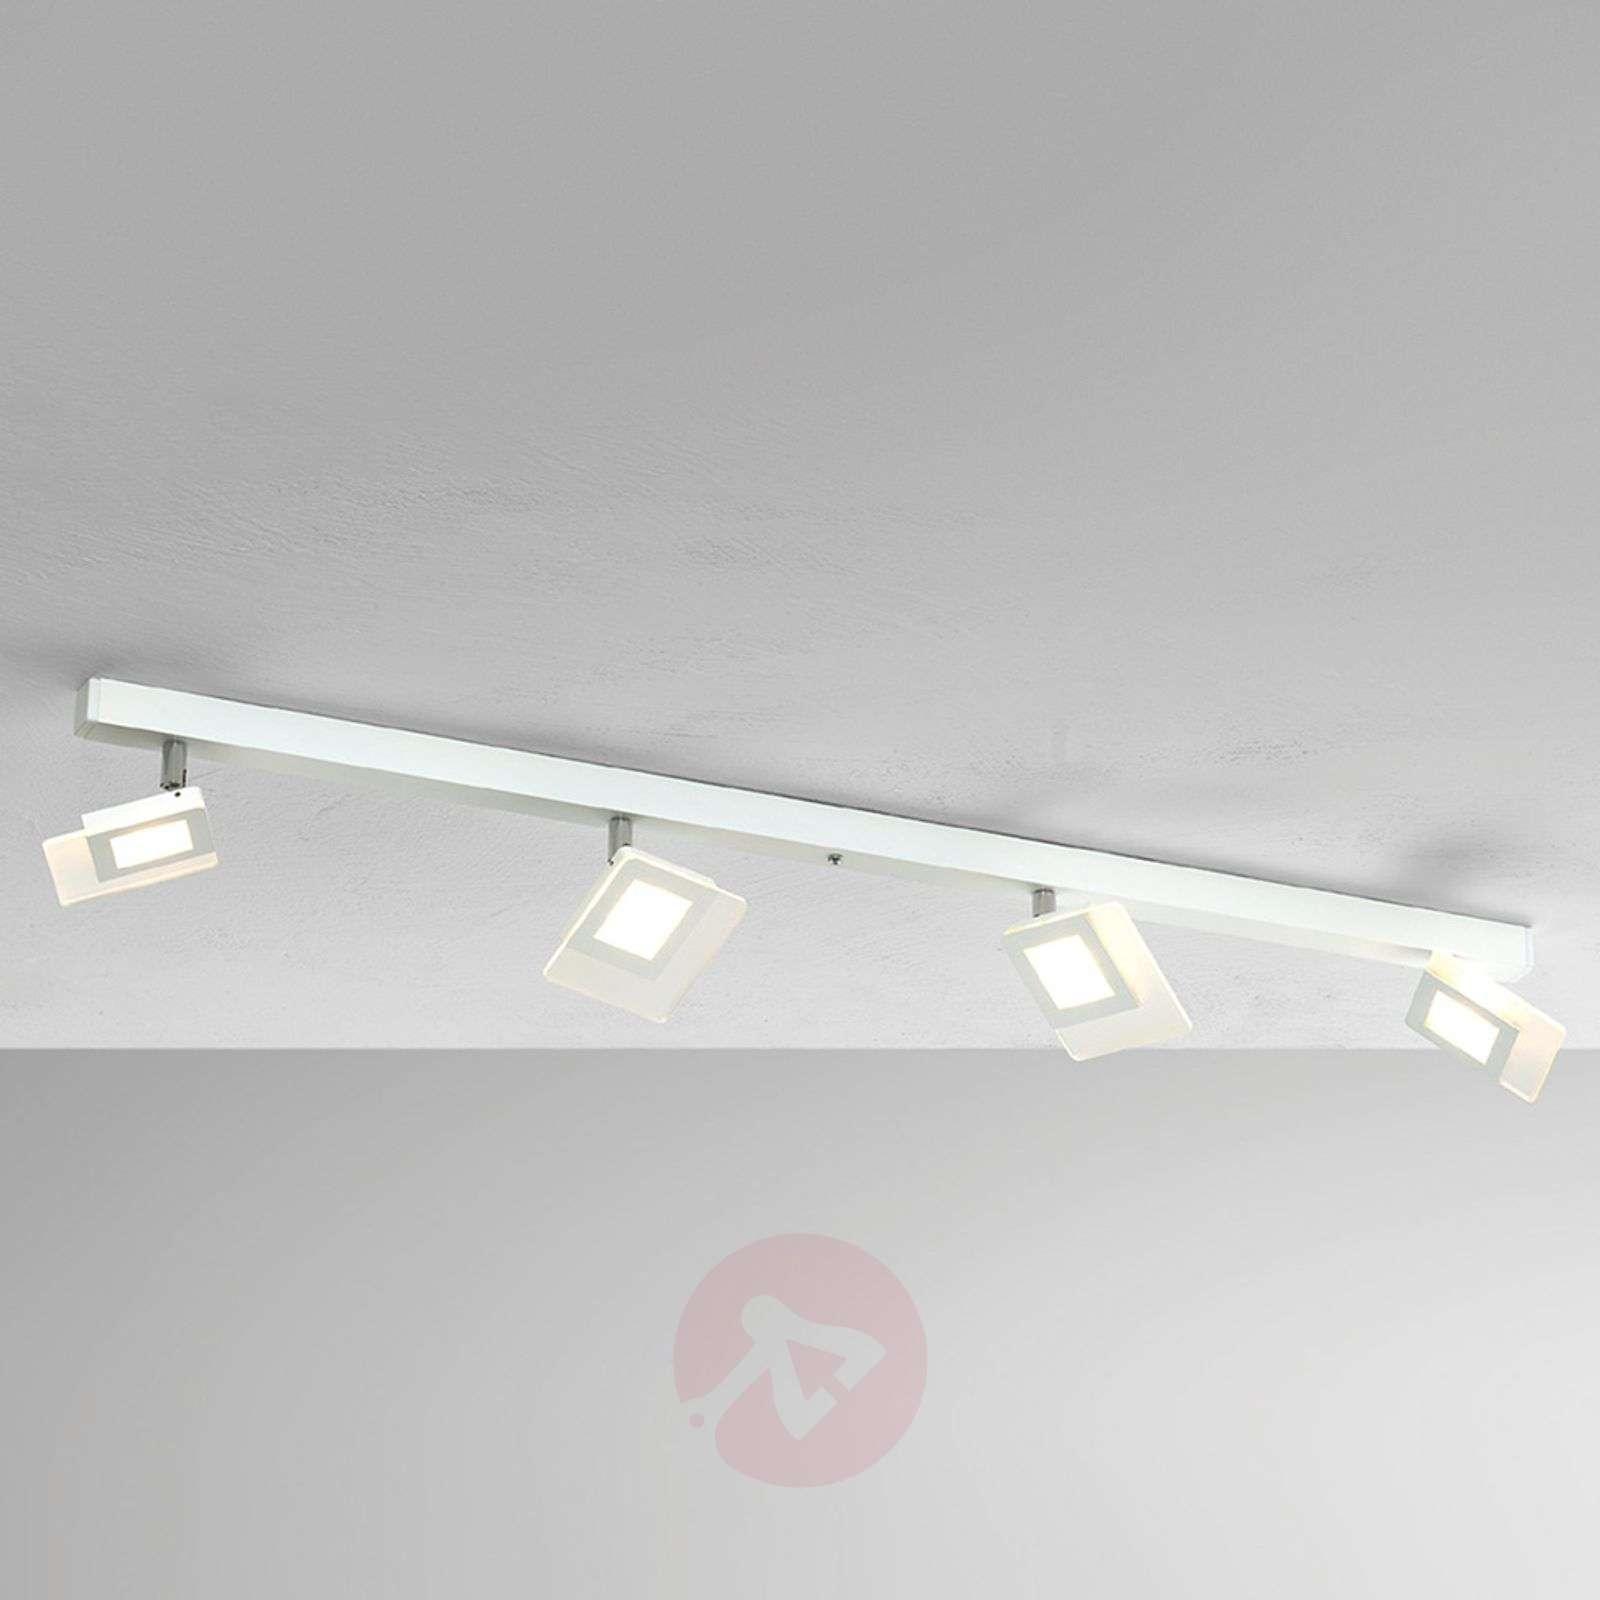 Nelilamppuinen LED-kattovalaisin Line, valkoinen-1556070-01